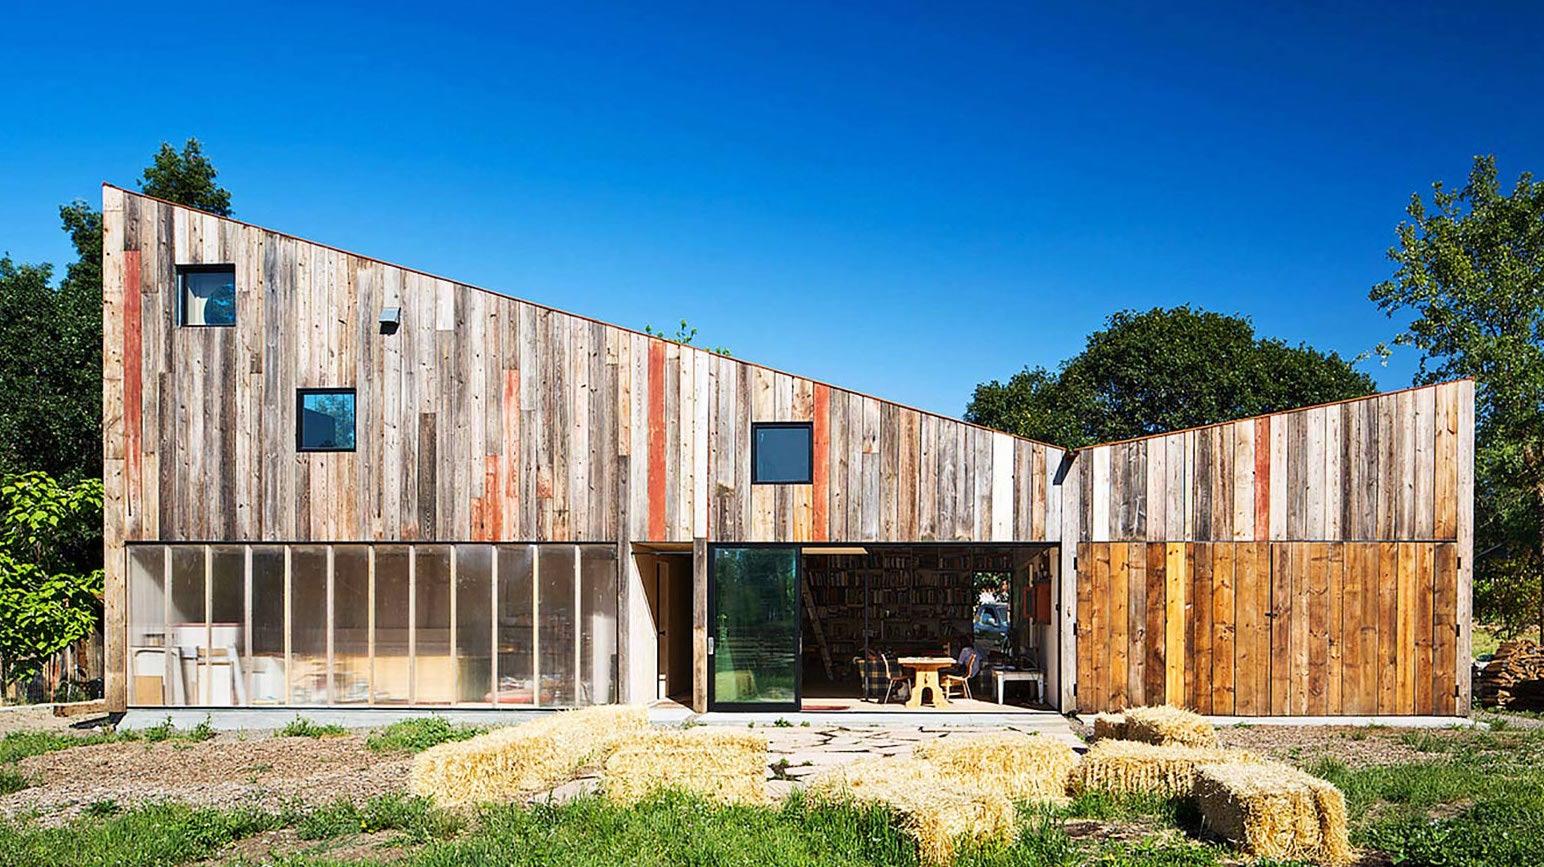 More-Ulnes Architects'in Kaliforniya'da eski bir ahırdan dönüştürdükleri sanatçı stüdyosu.